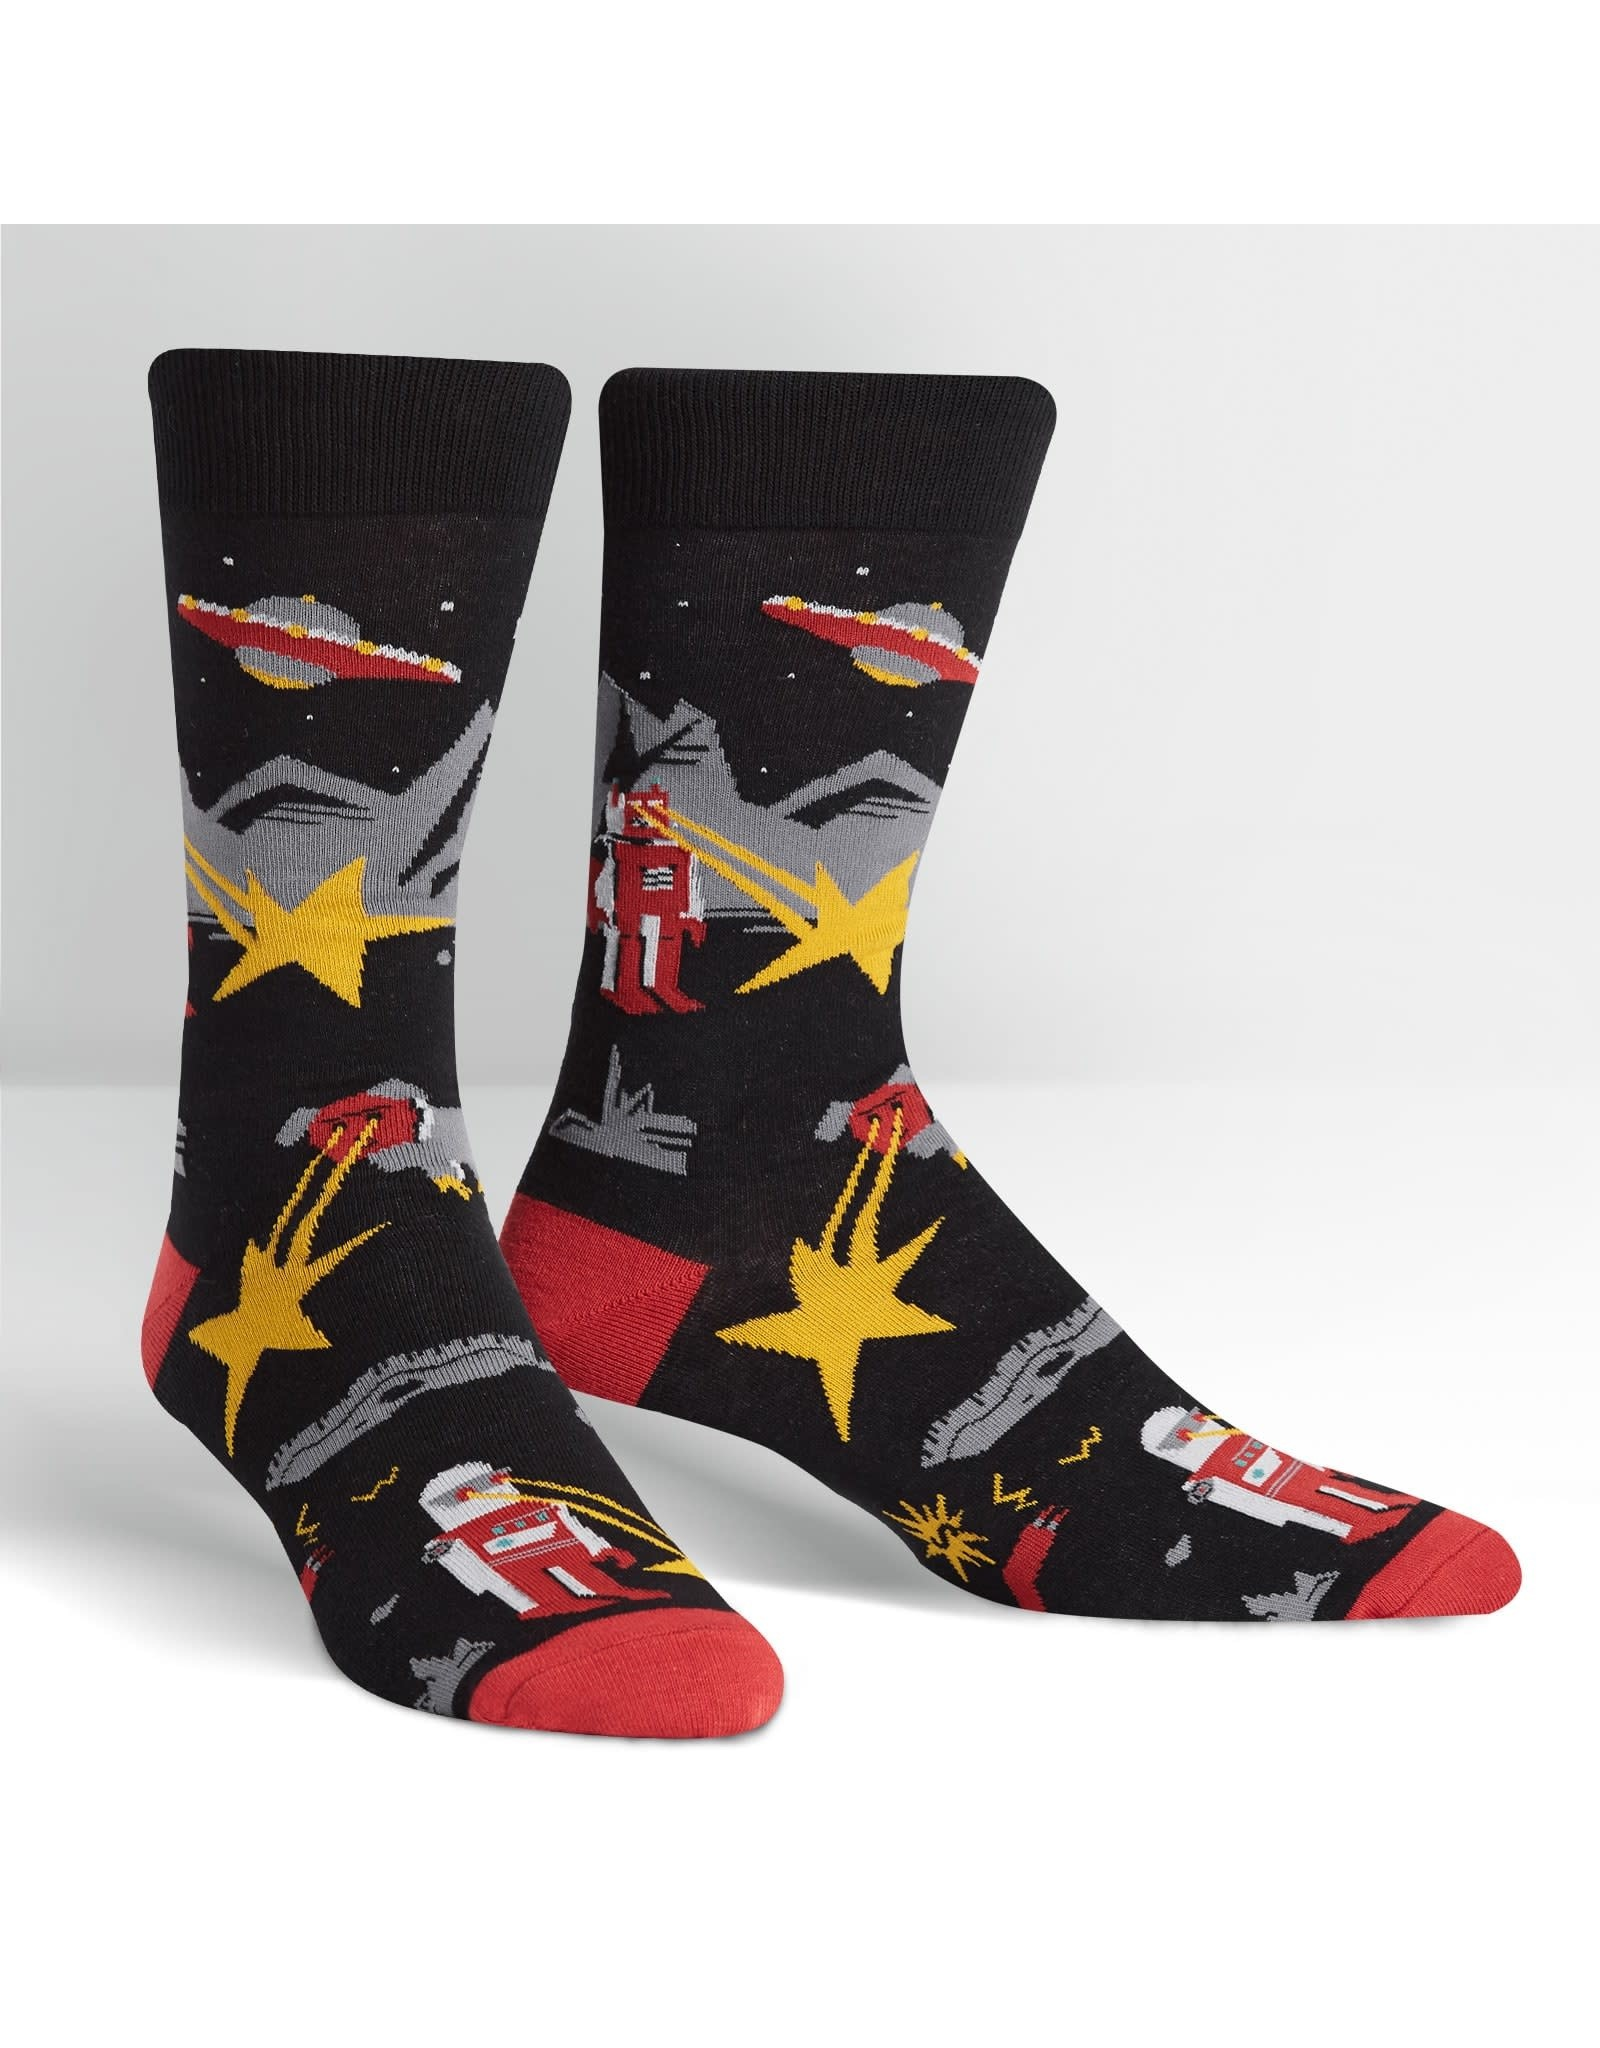 SOCK IT TO ME - Men's Zap! Zap! Crew Socks